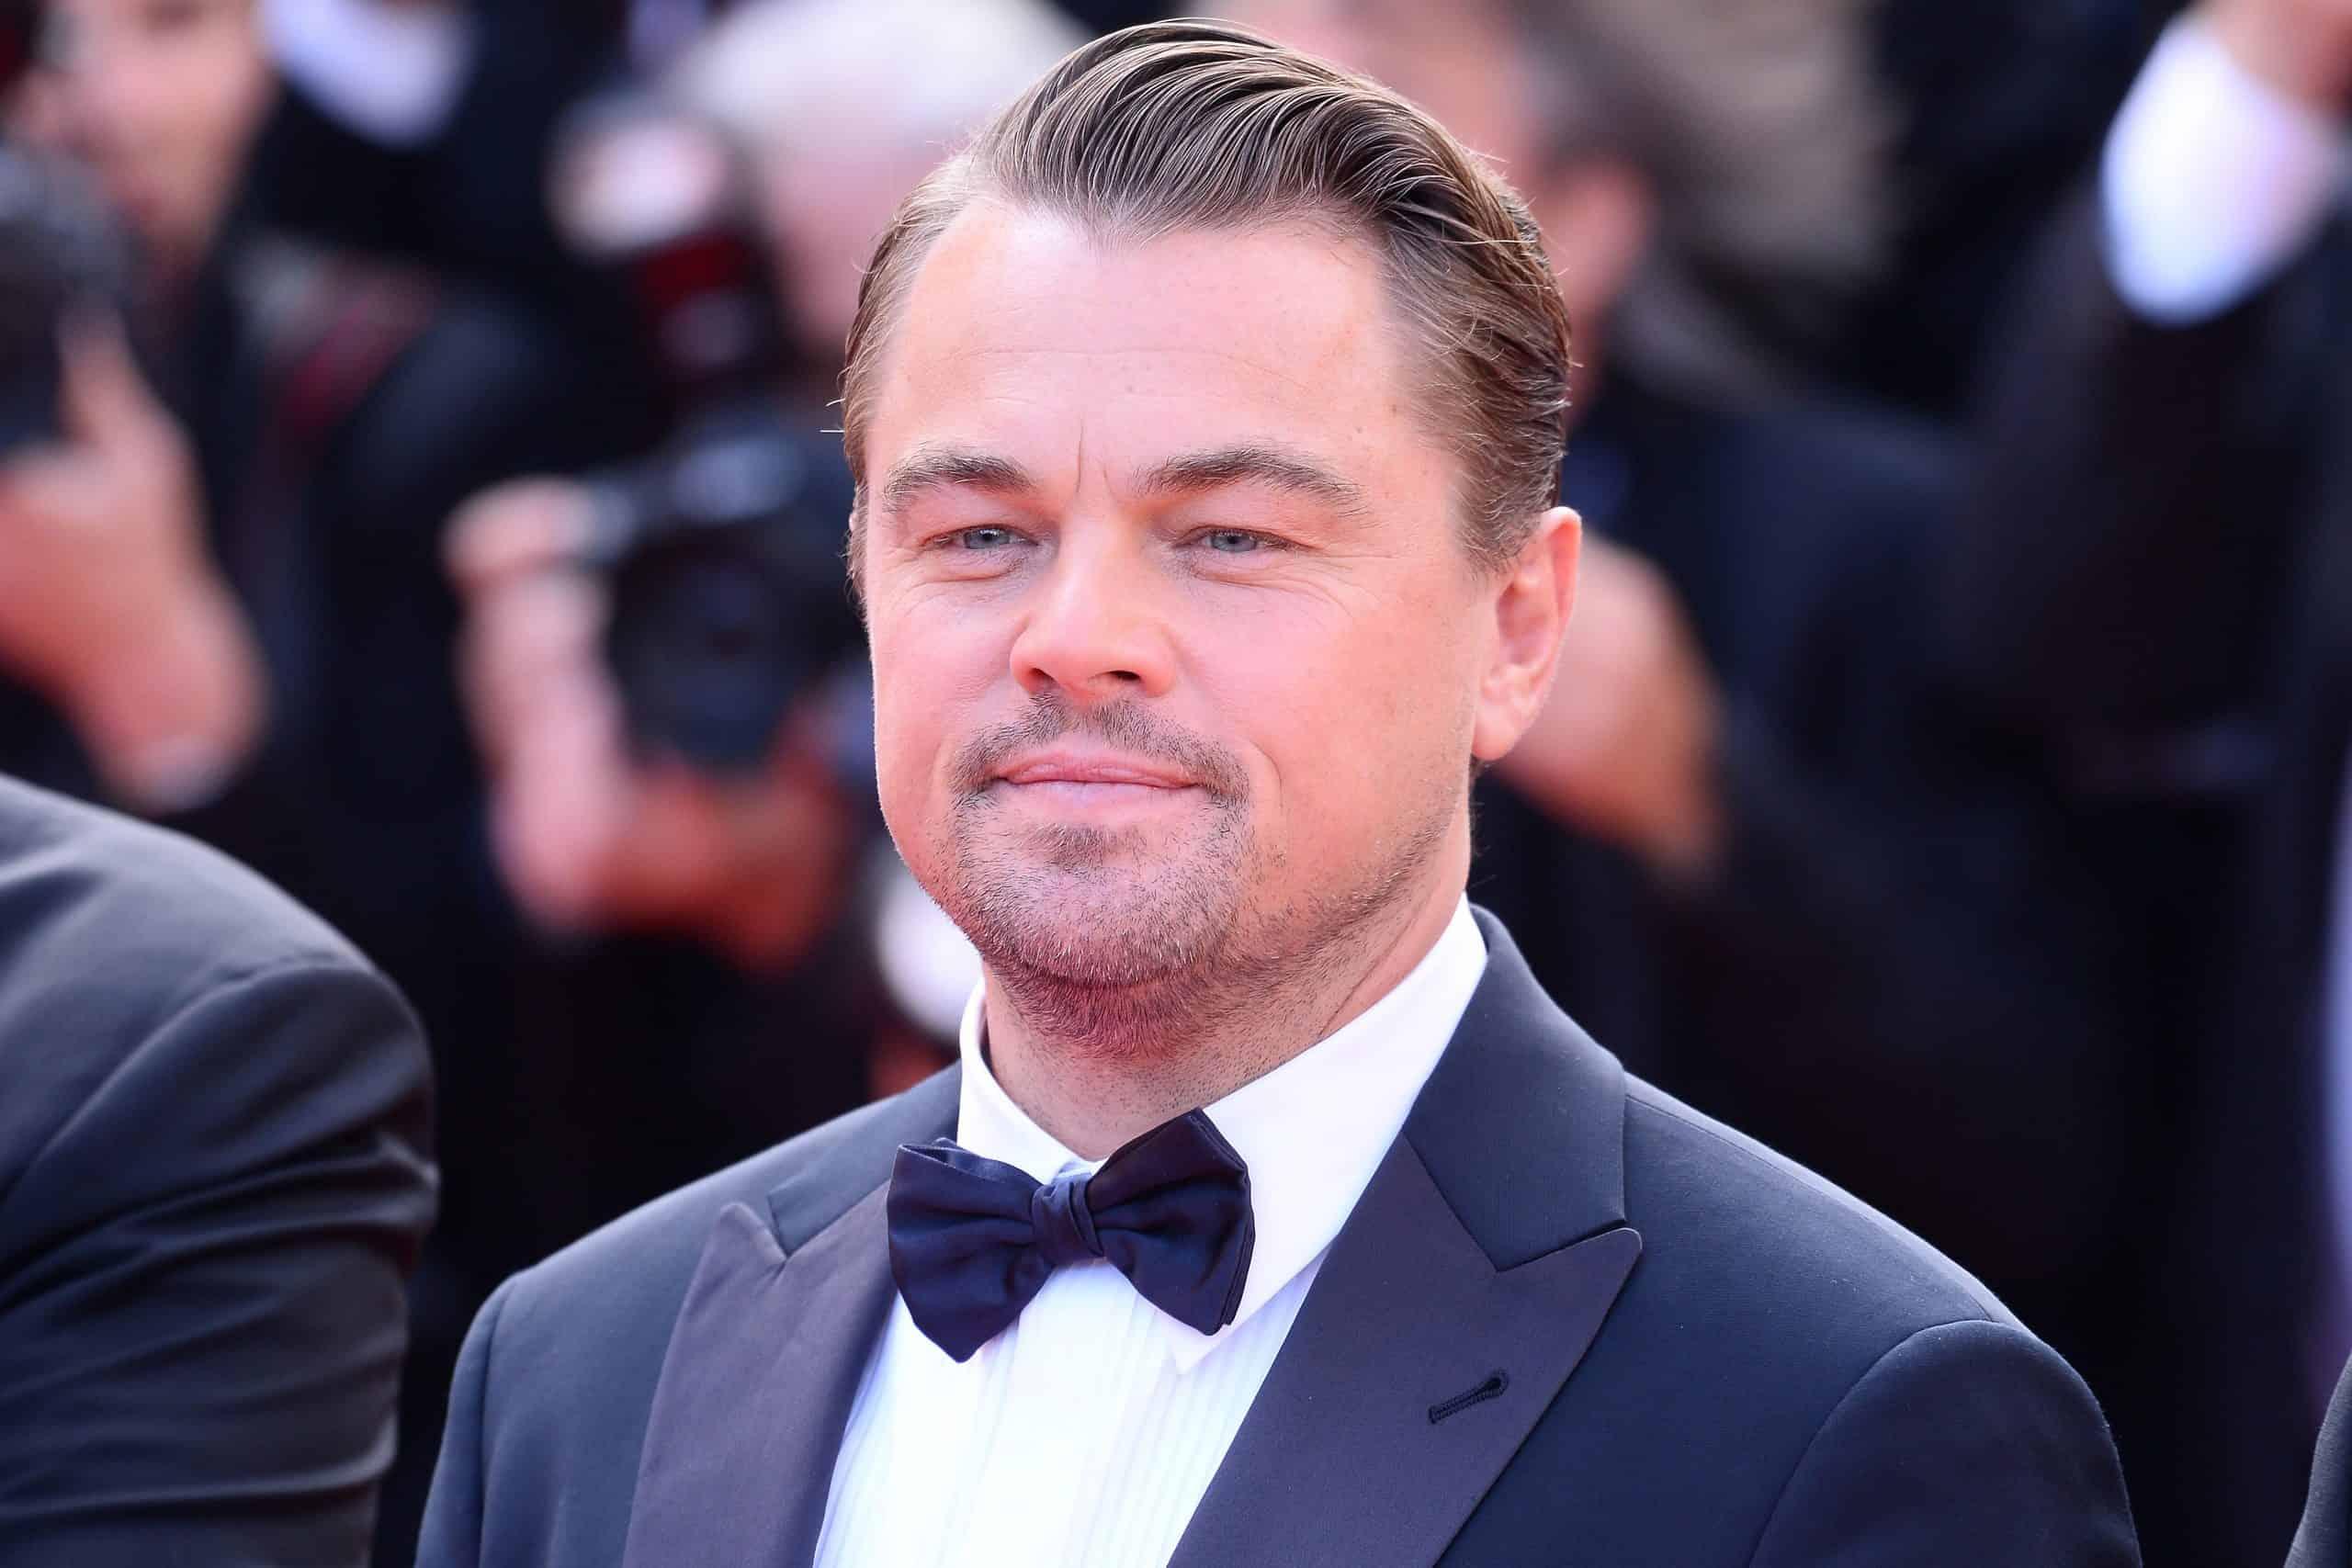 Leoonardo DiCaprio mature hairline